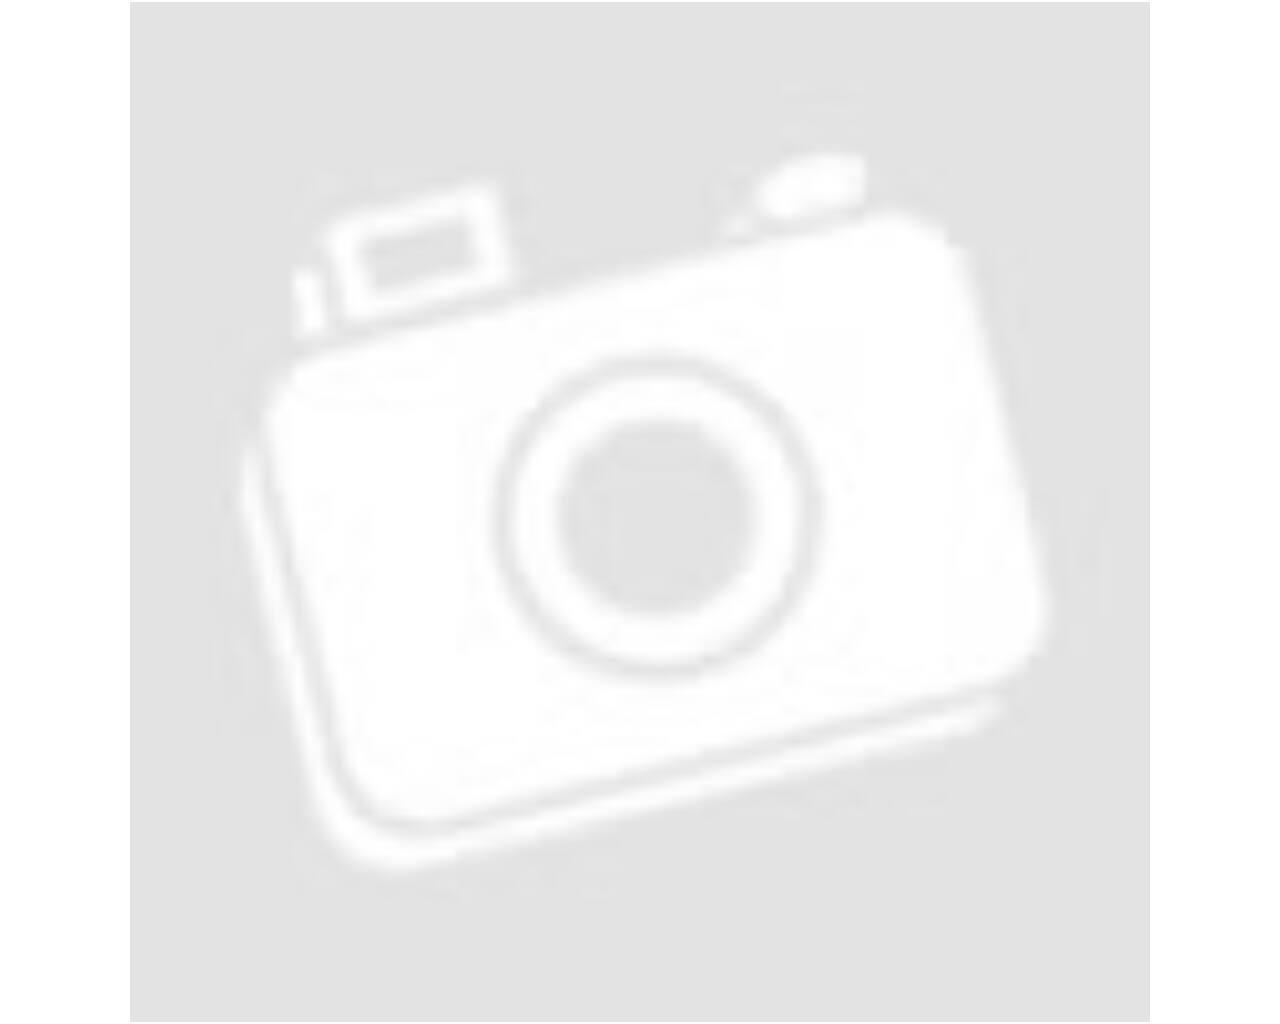 Raul komód, sötét sonoma, 70 x 71 x 40 cm